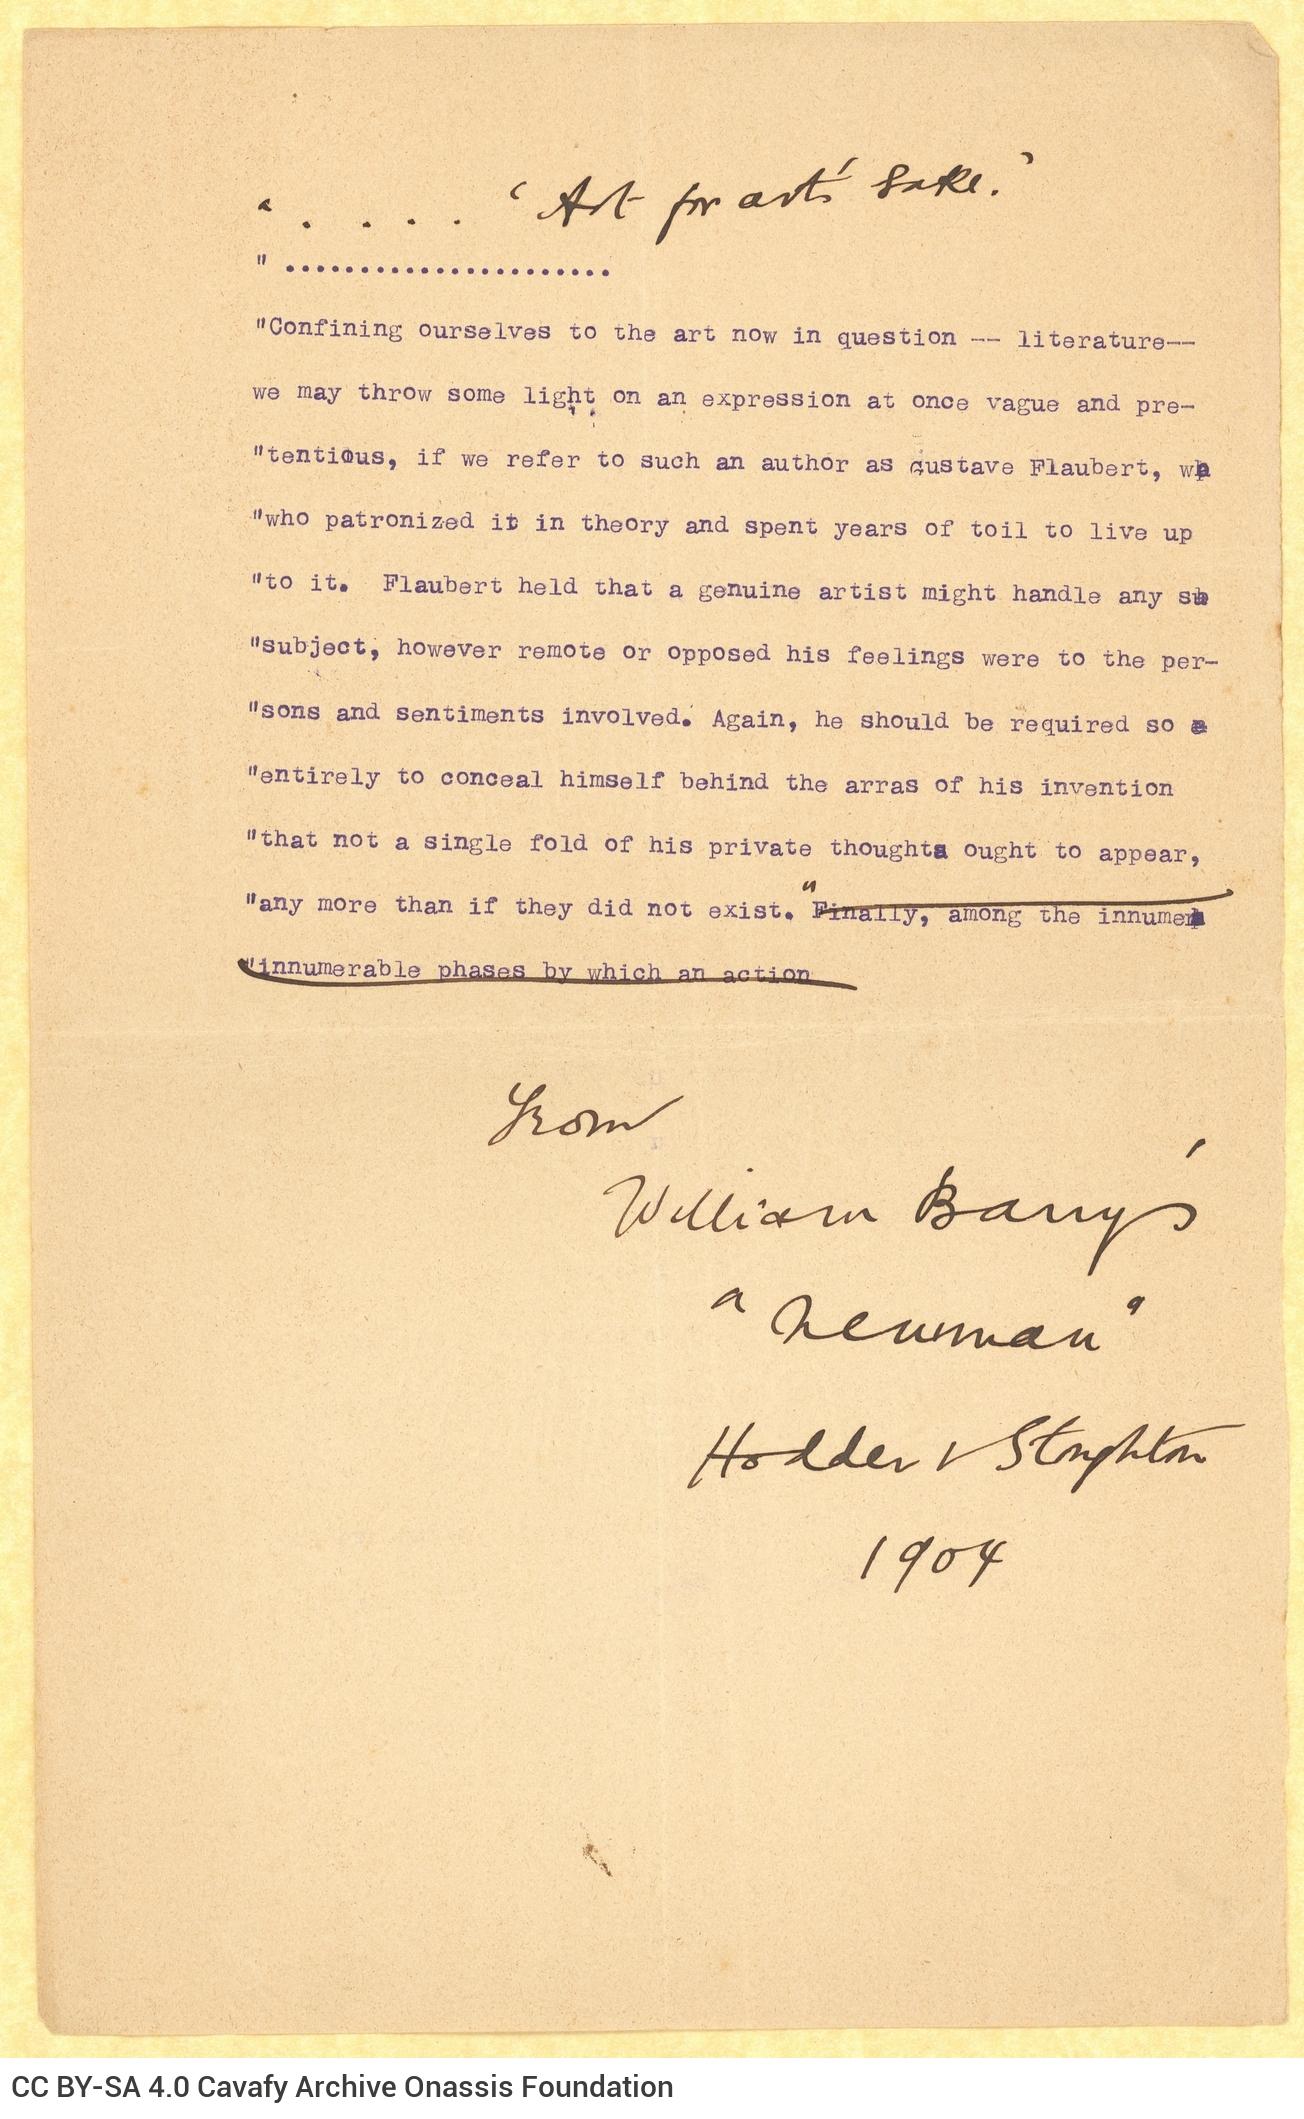 Δακτυλόγραφο παράθεμα από το έργο *Newman* του Ουίλλιαμ Μπάρρυ (William Barr